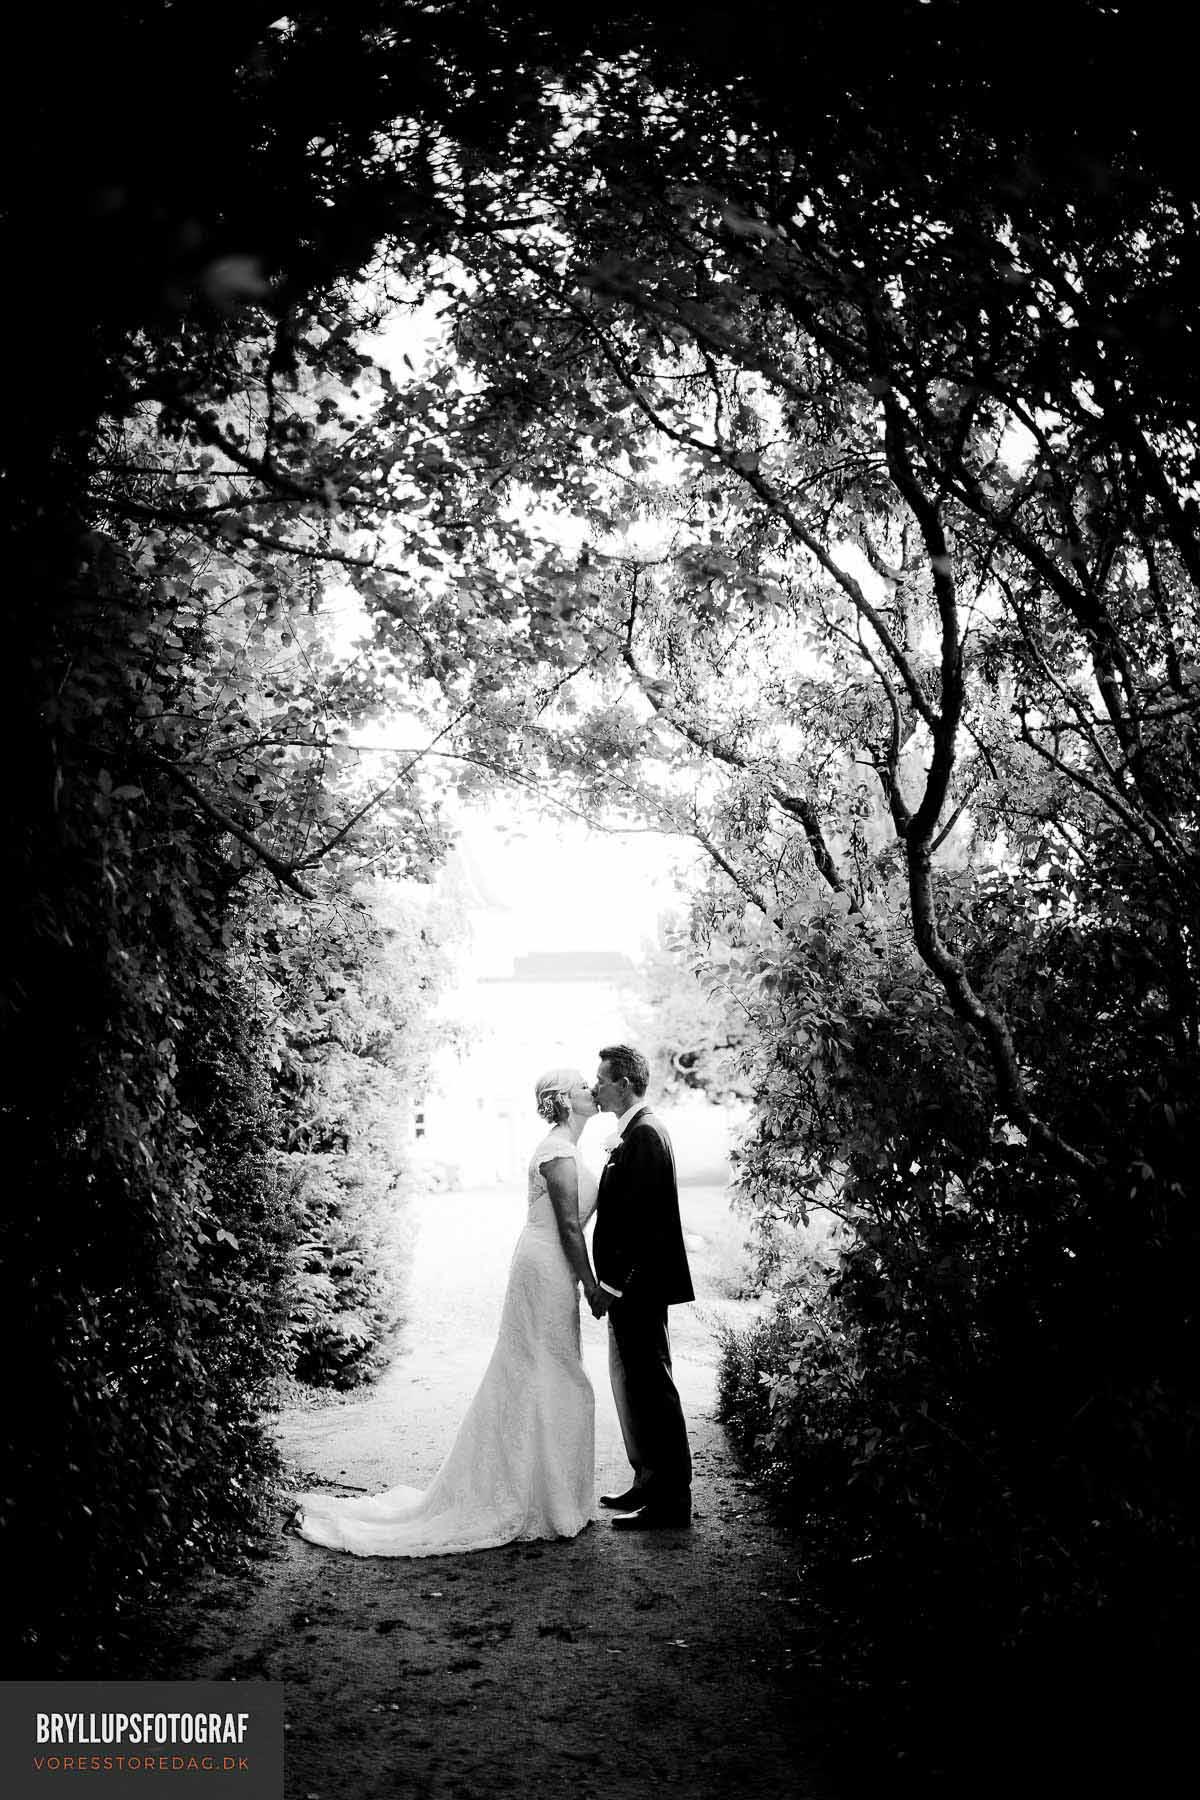 Kunne du tænke dig at holde bryllup i skoven